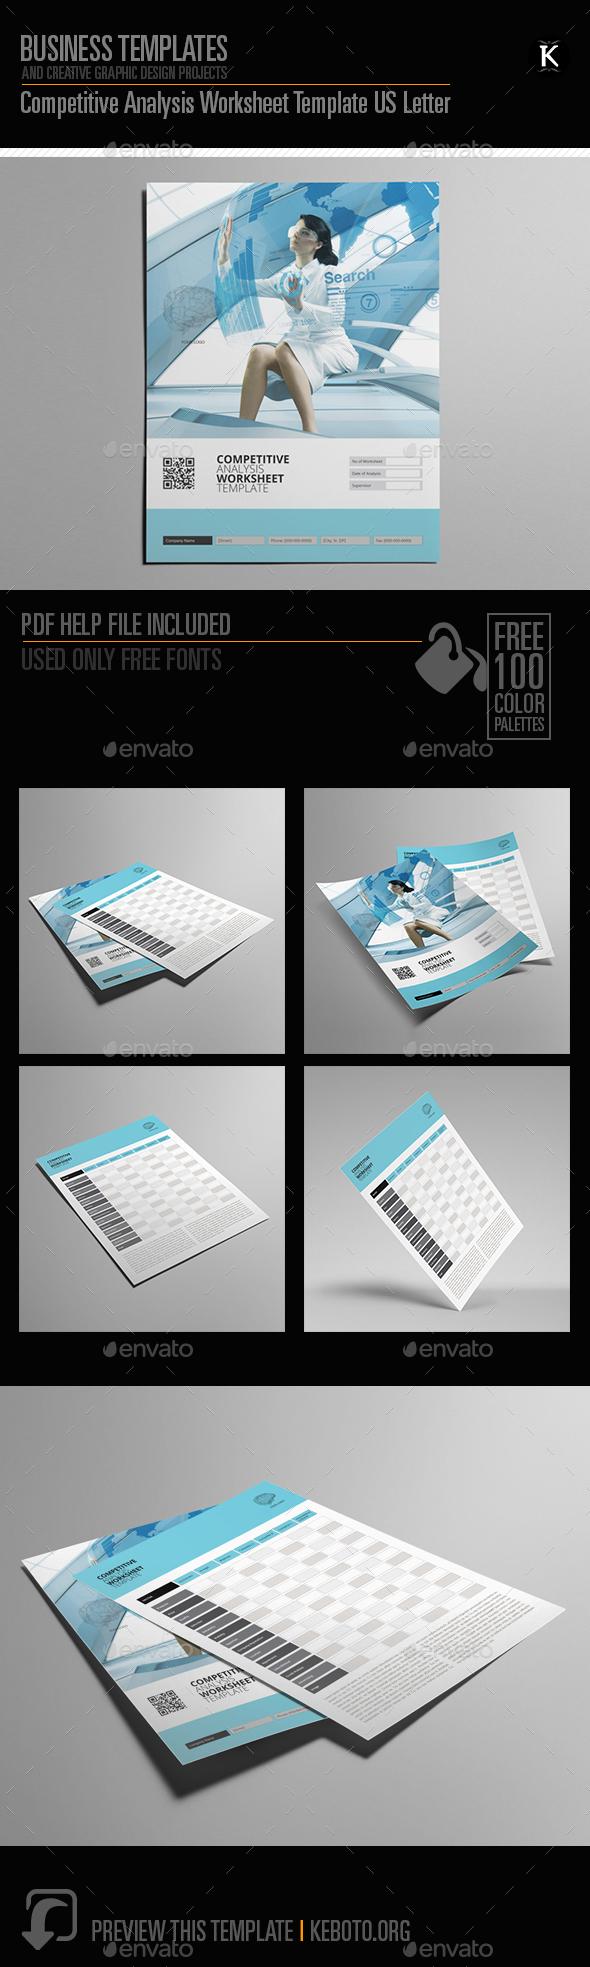 worksheet design templates - Selo.l-ink.co